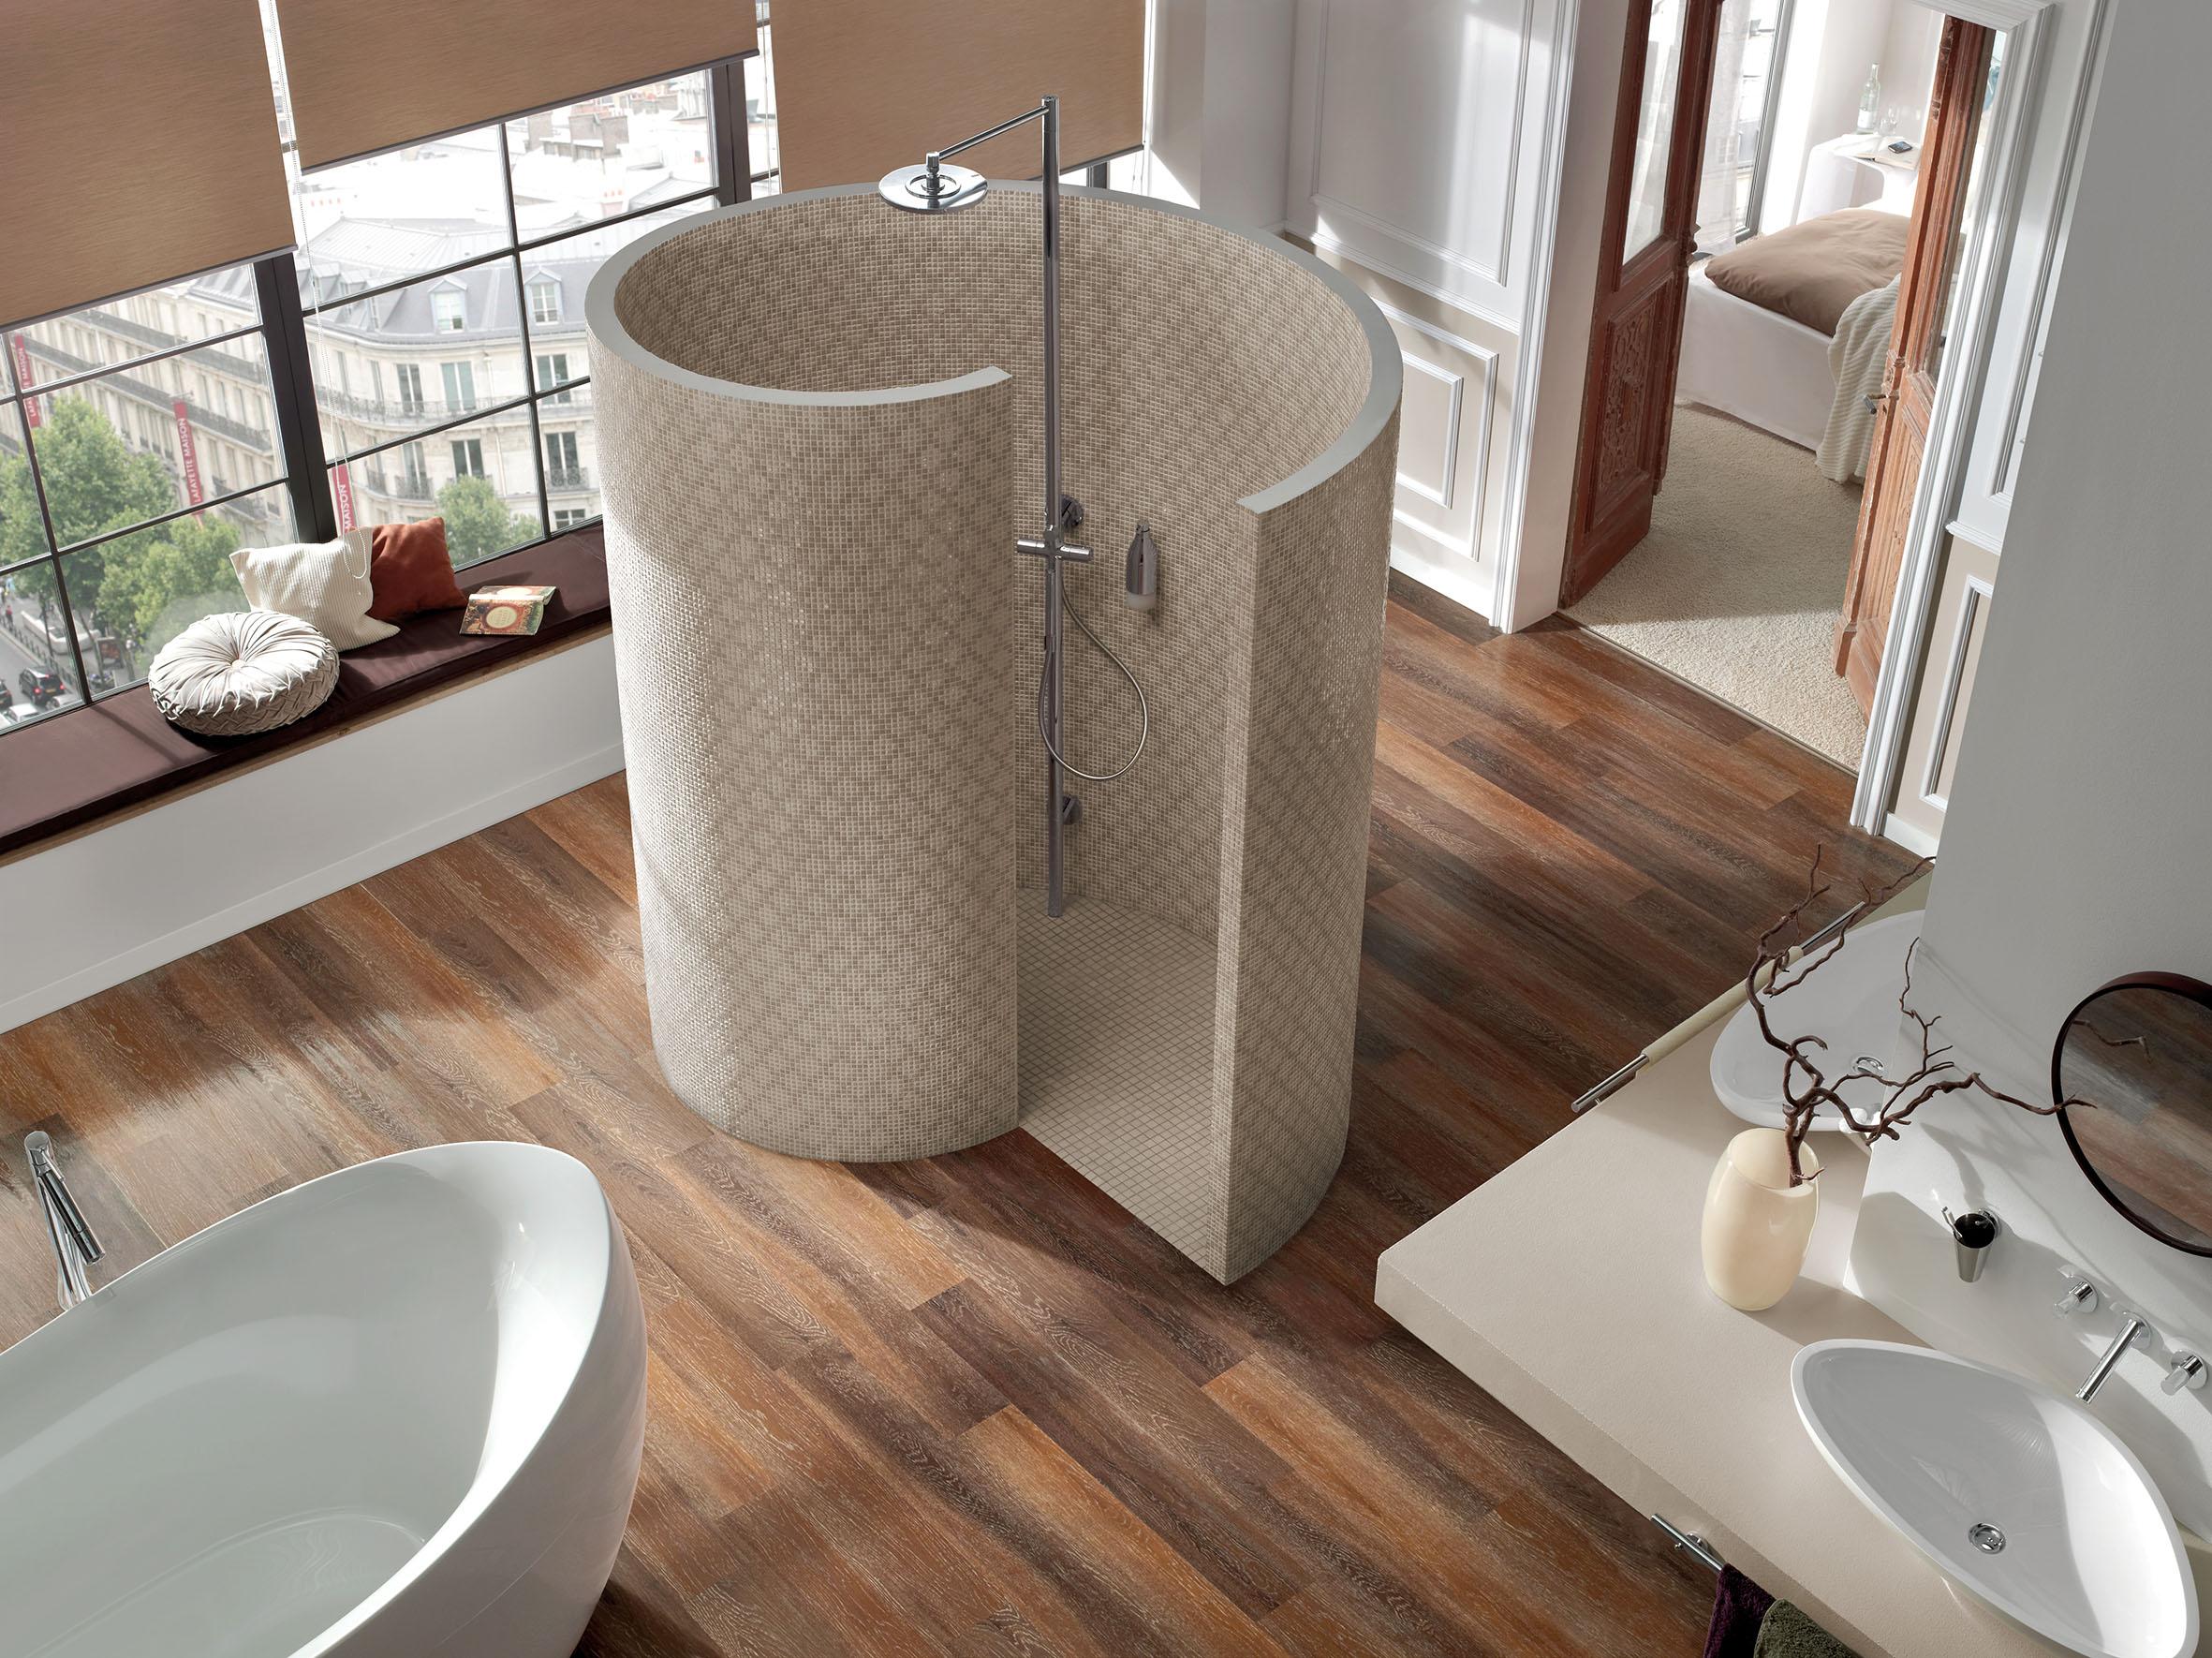 Emejing Pvc Badkamer Pictures - Moderne huis - clientstat.us